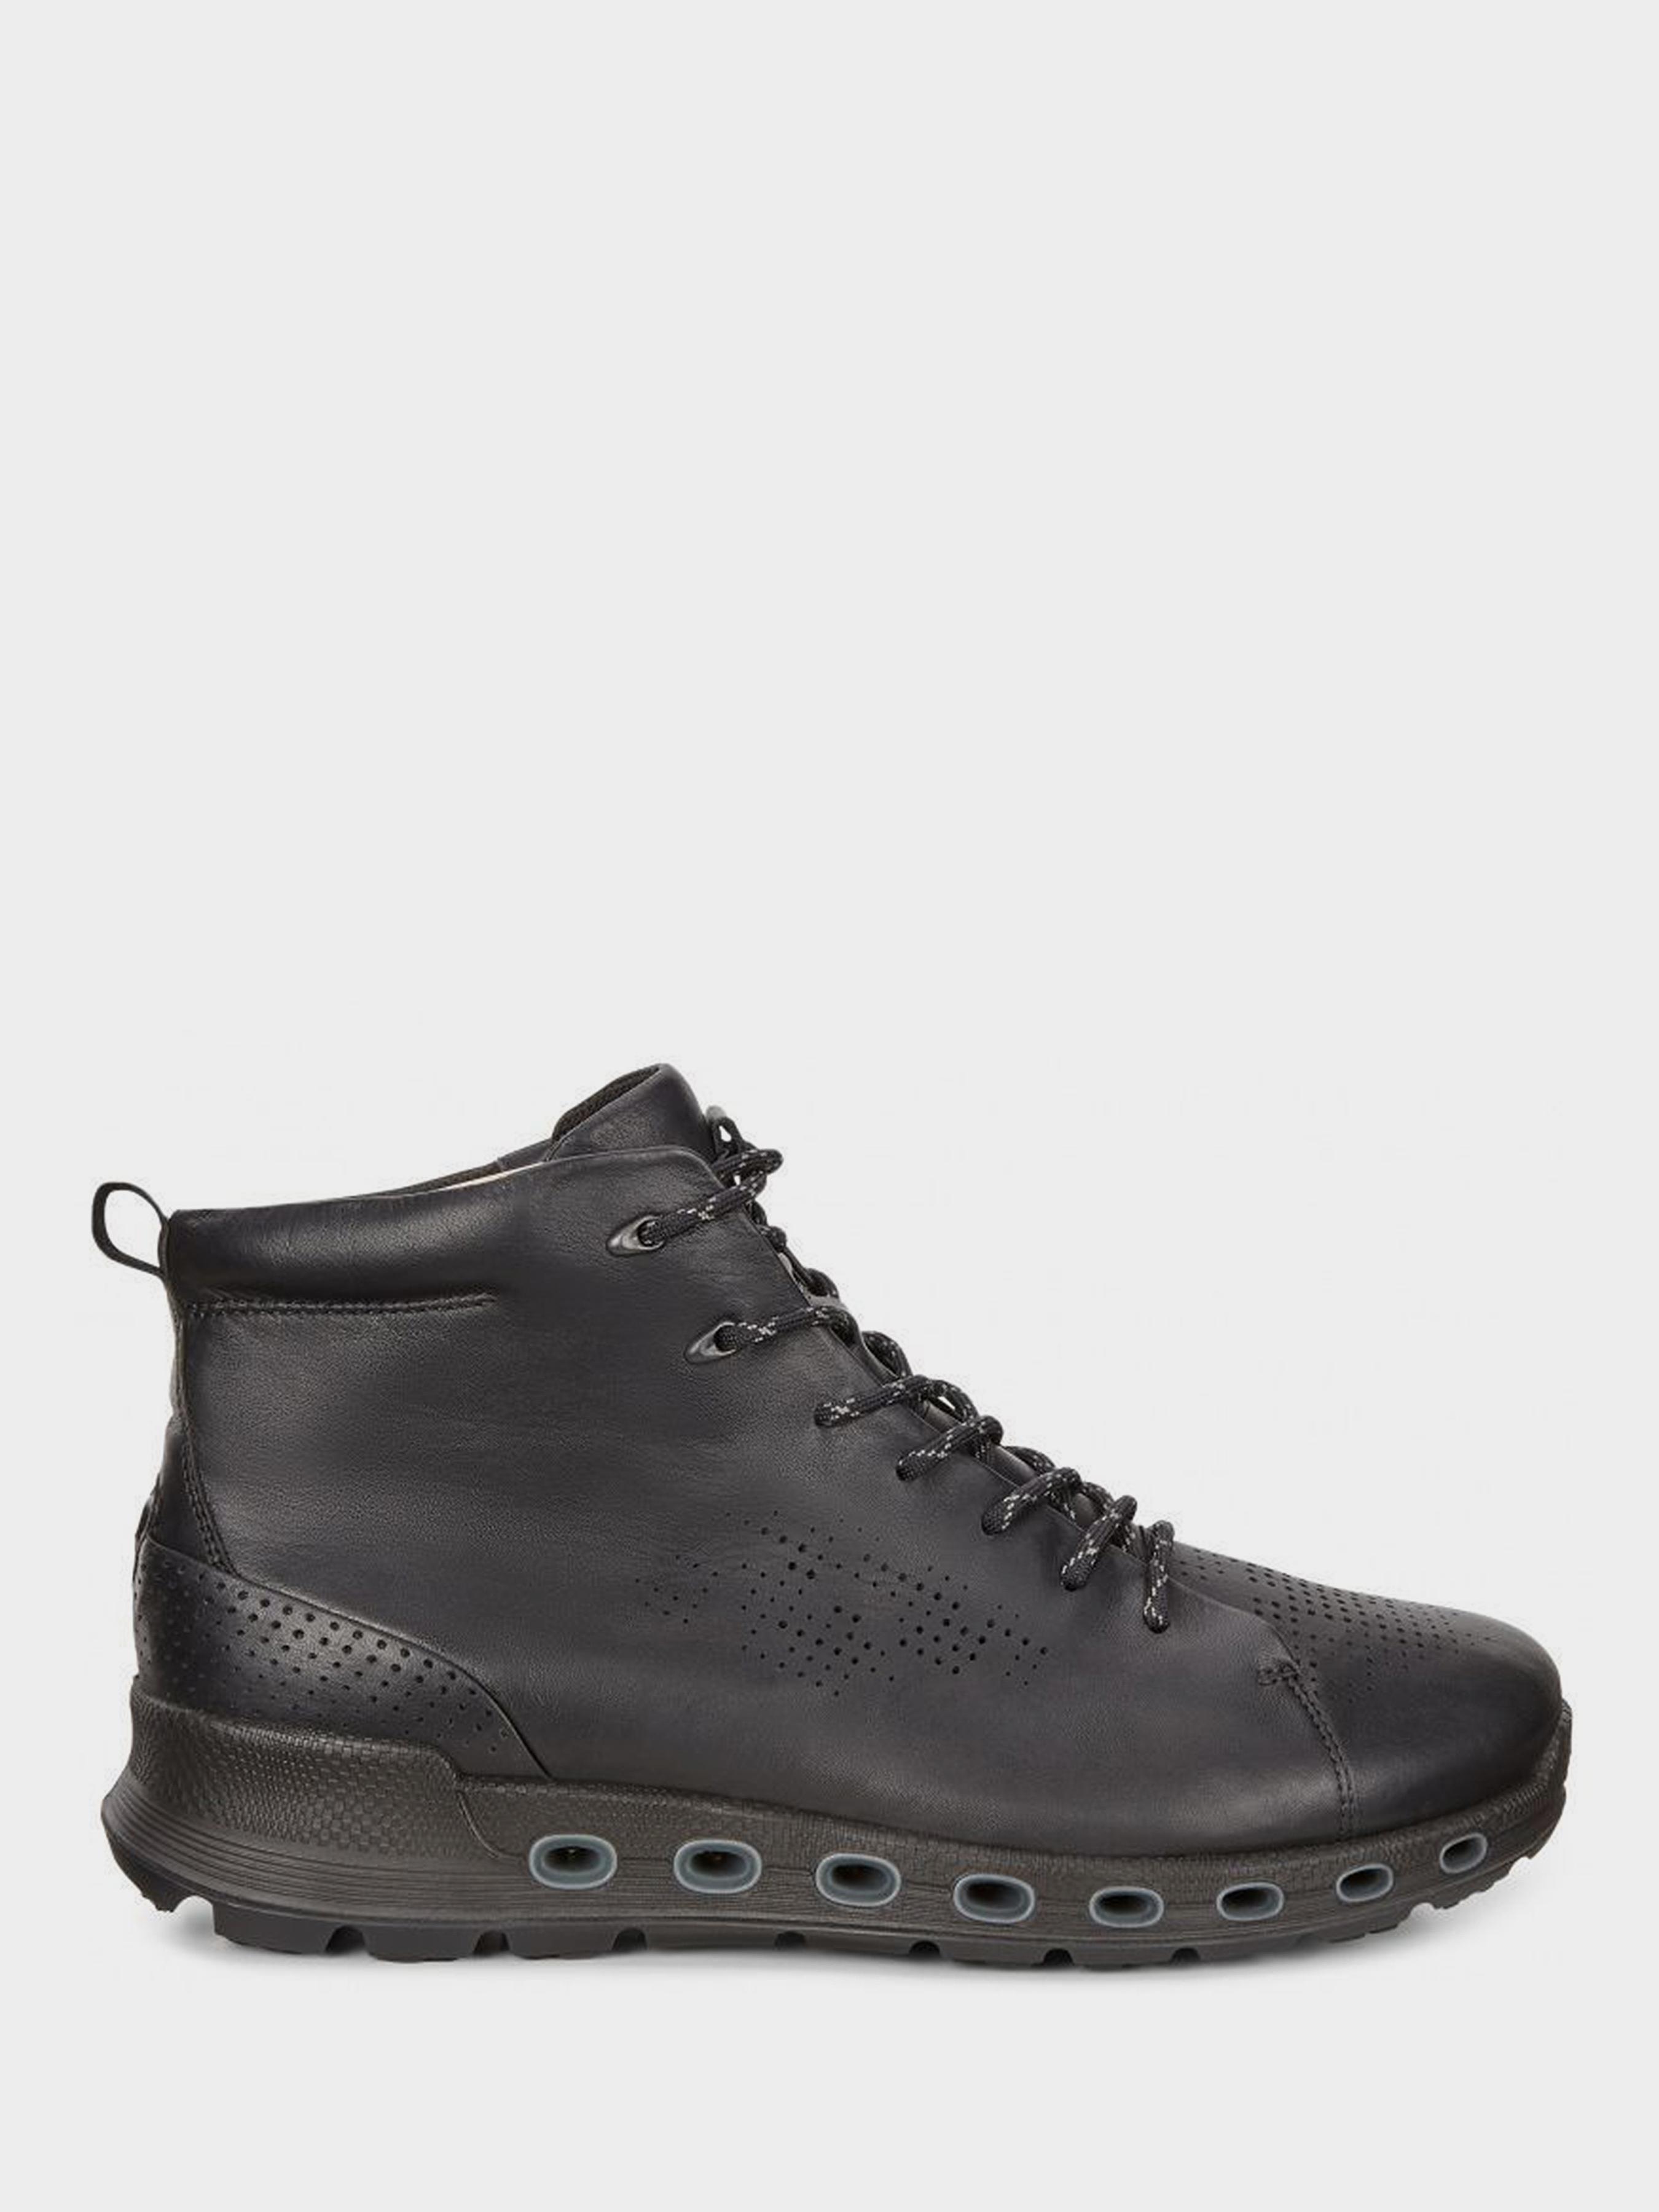 Ботинки мужские ECCO COOL 2.0 ZM3985